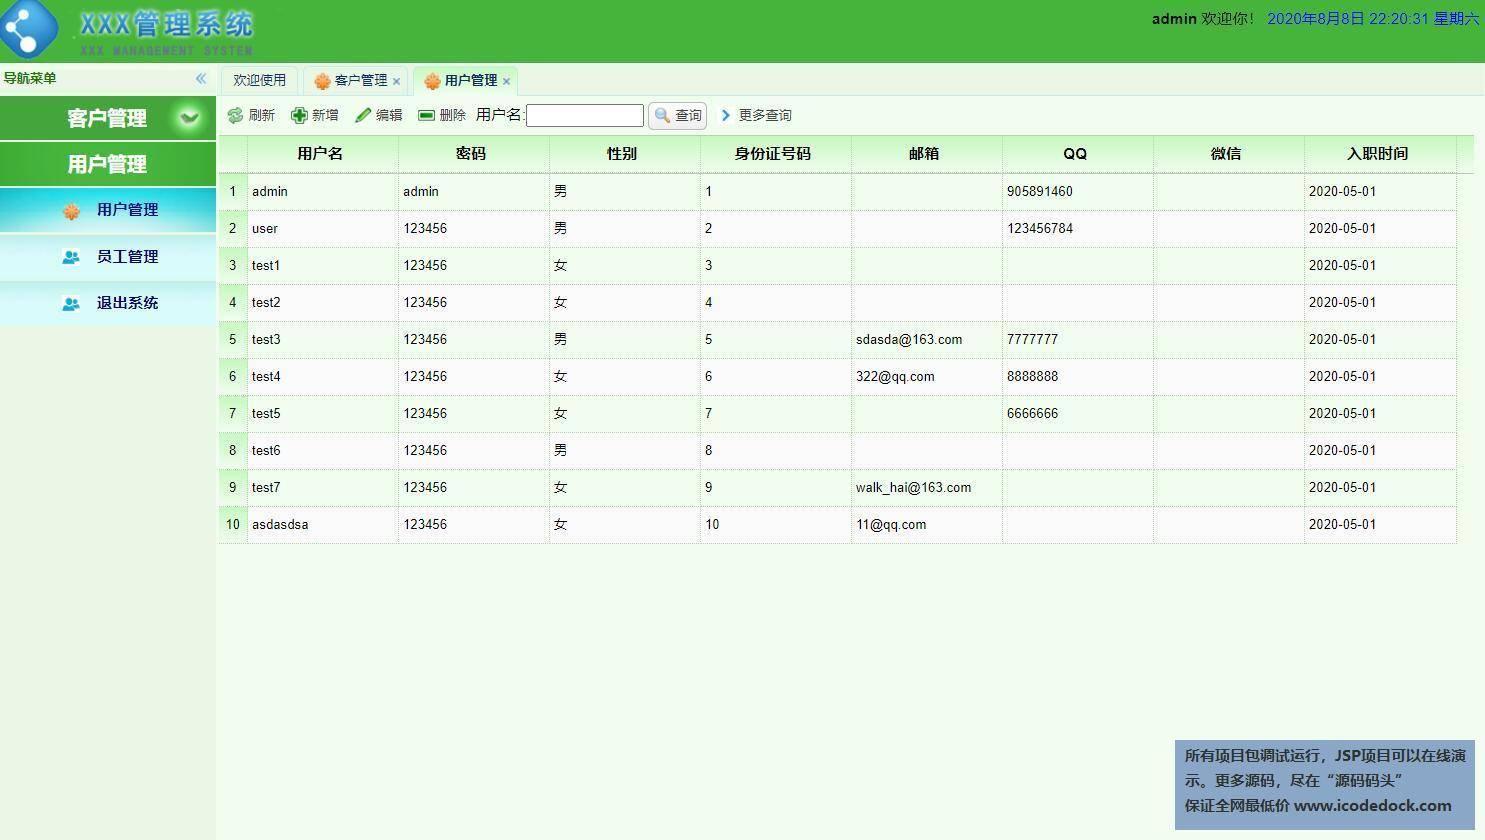 源码码头-SSM公司客户关系管理系统-管理员角色-用户管理